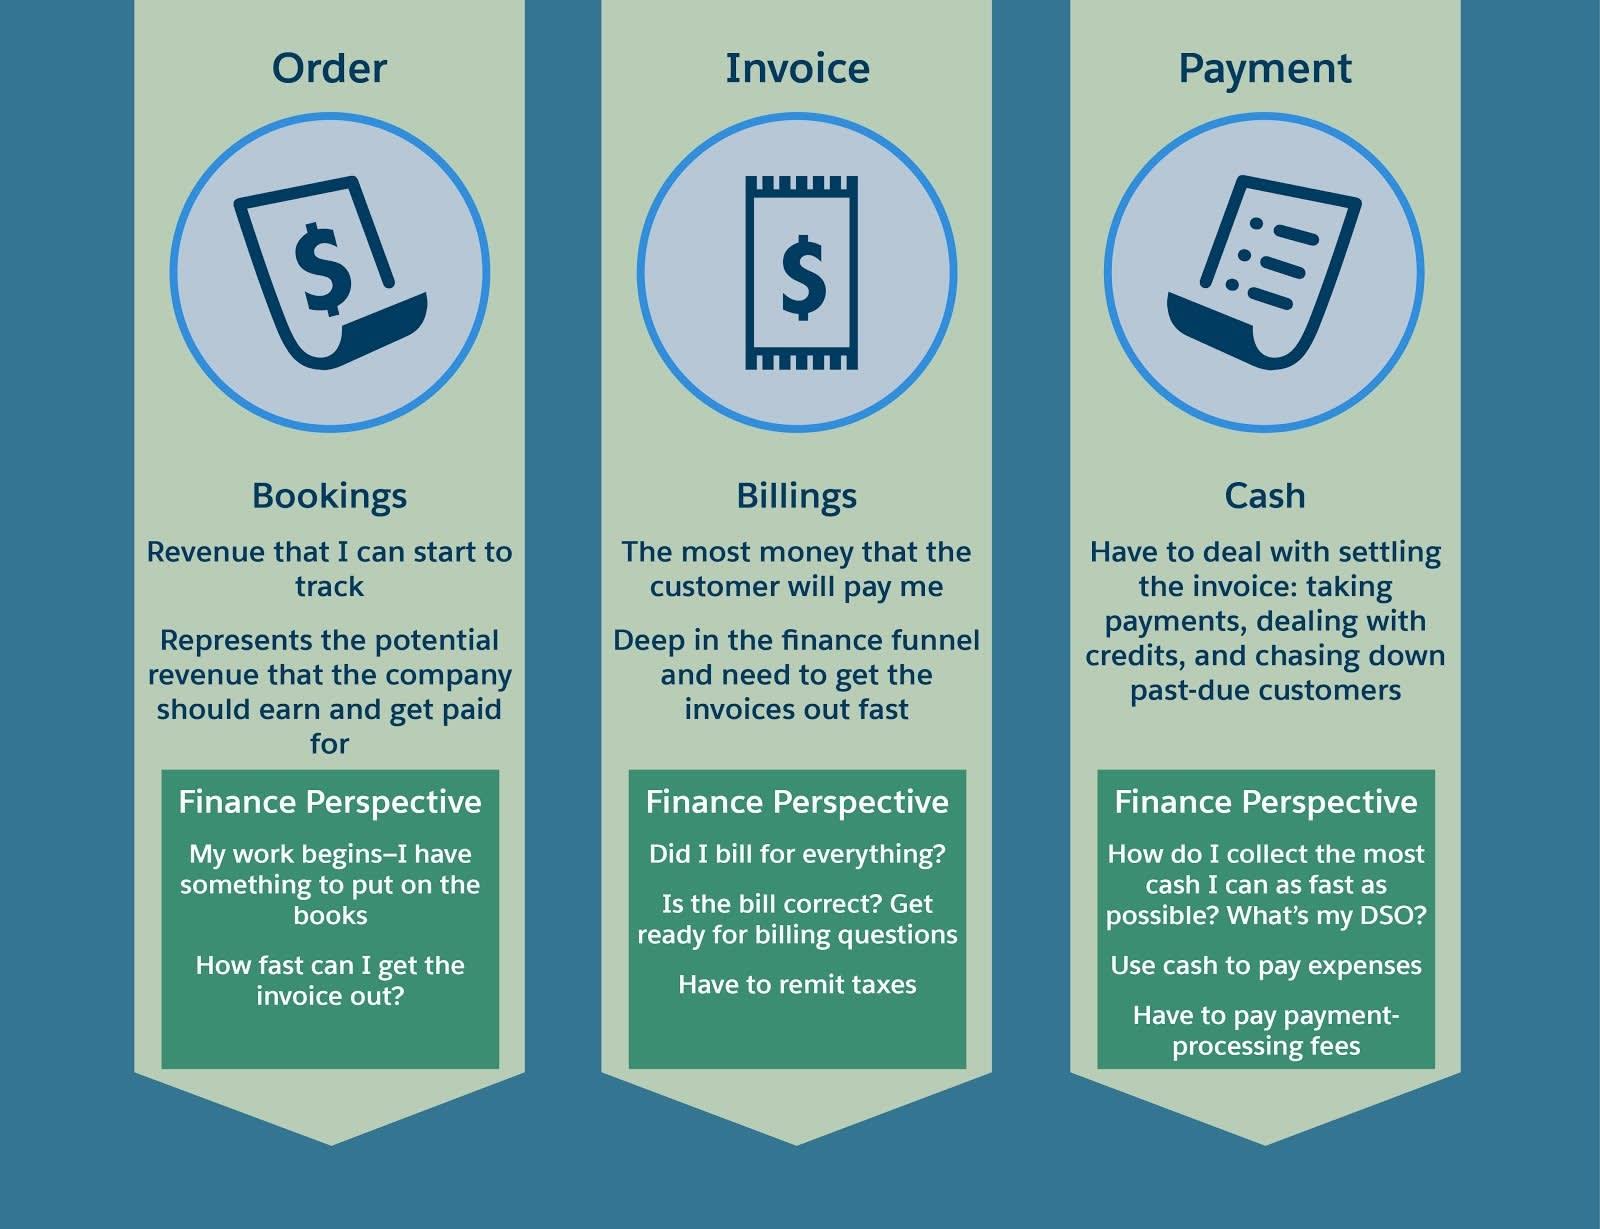 Os estágios de pedido, faturamento e pagamento são, tradicionalmente, aqueles em que a equipe financeira se envolve.